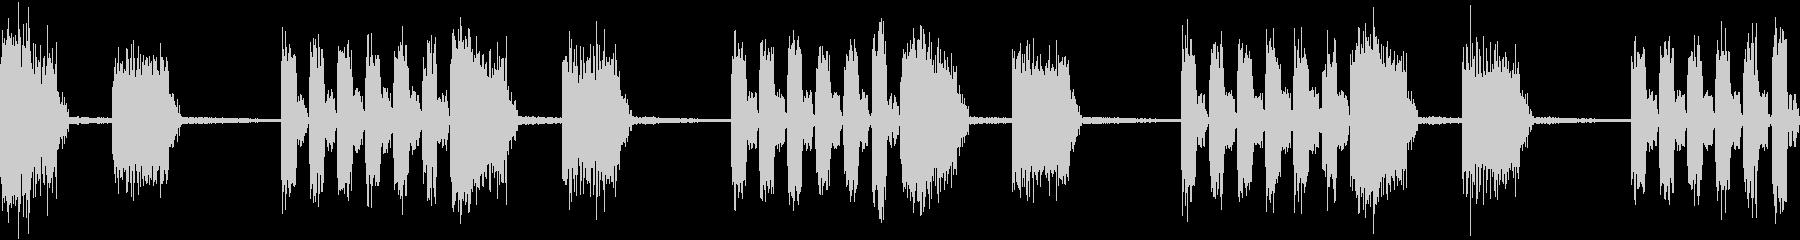 SFX デジタルボイスの不気味なループ+の未再生の波形